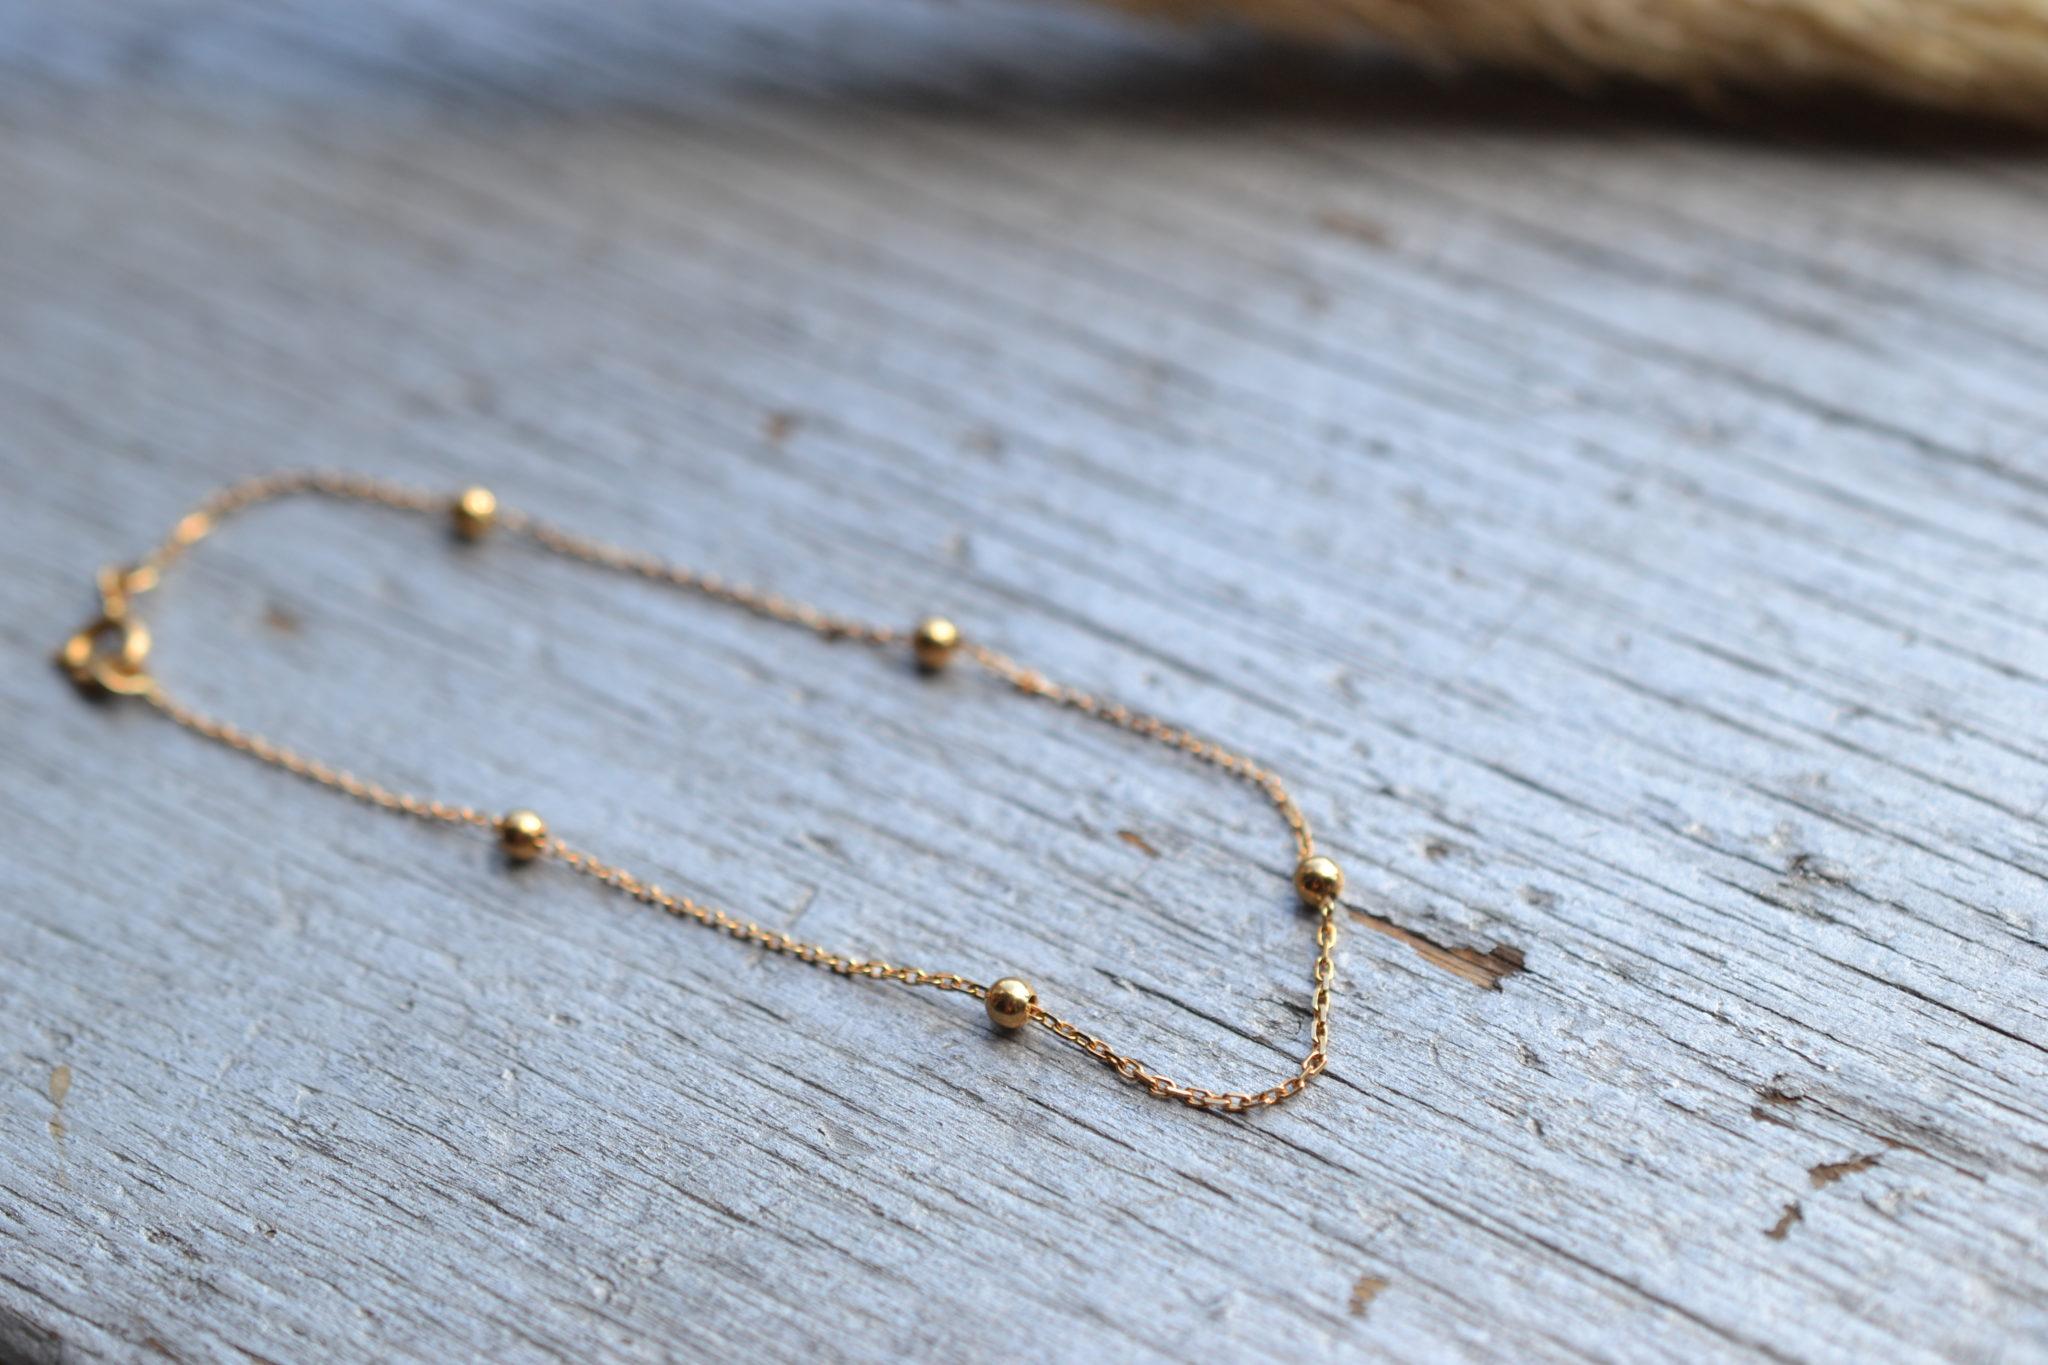 Bracelet ancien en or 18K, 750:1000, orné de 5 petites billes poinçon tête d'aigle Noir Carat